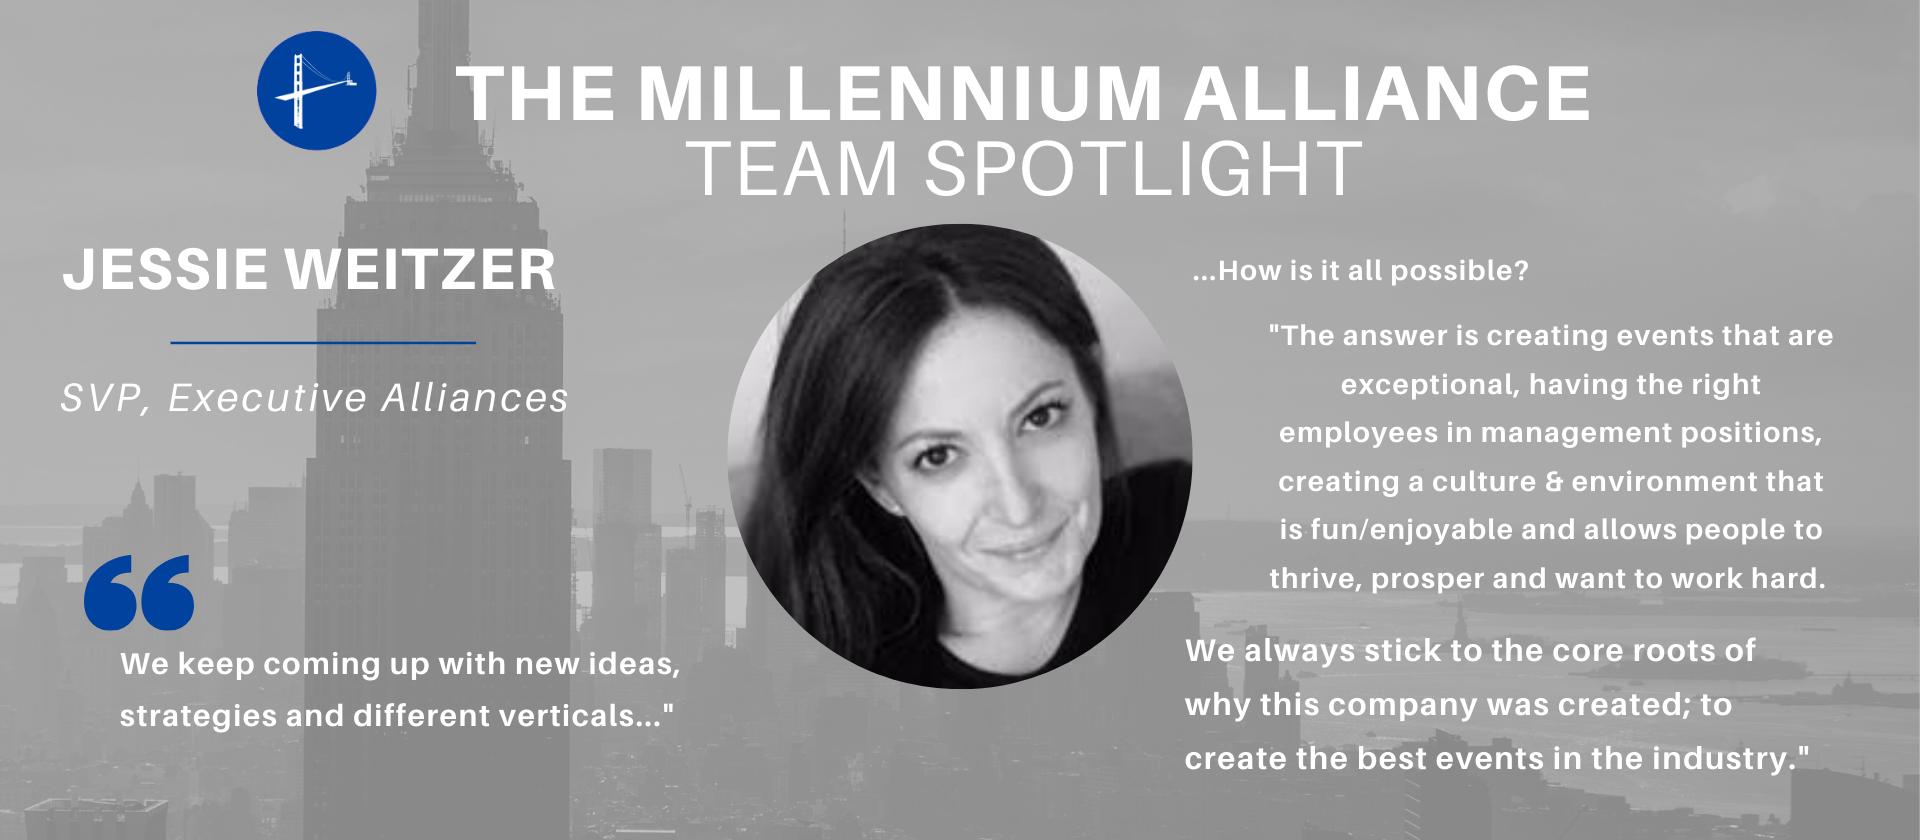 Team Spotlight Jessie Weitzer Millennium Alliance Digital Diary